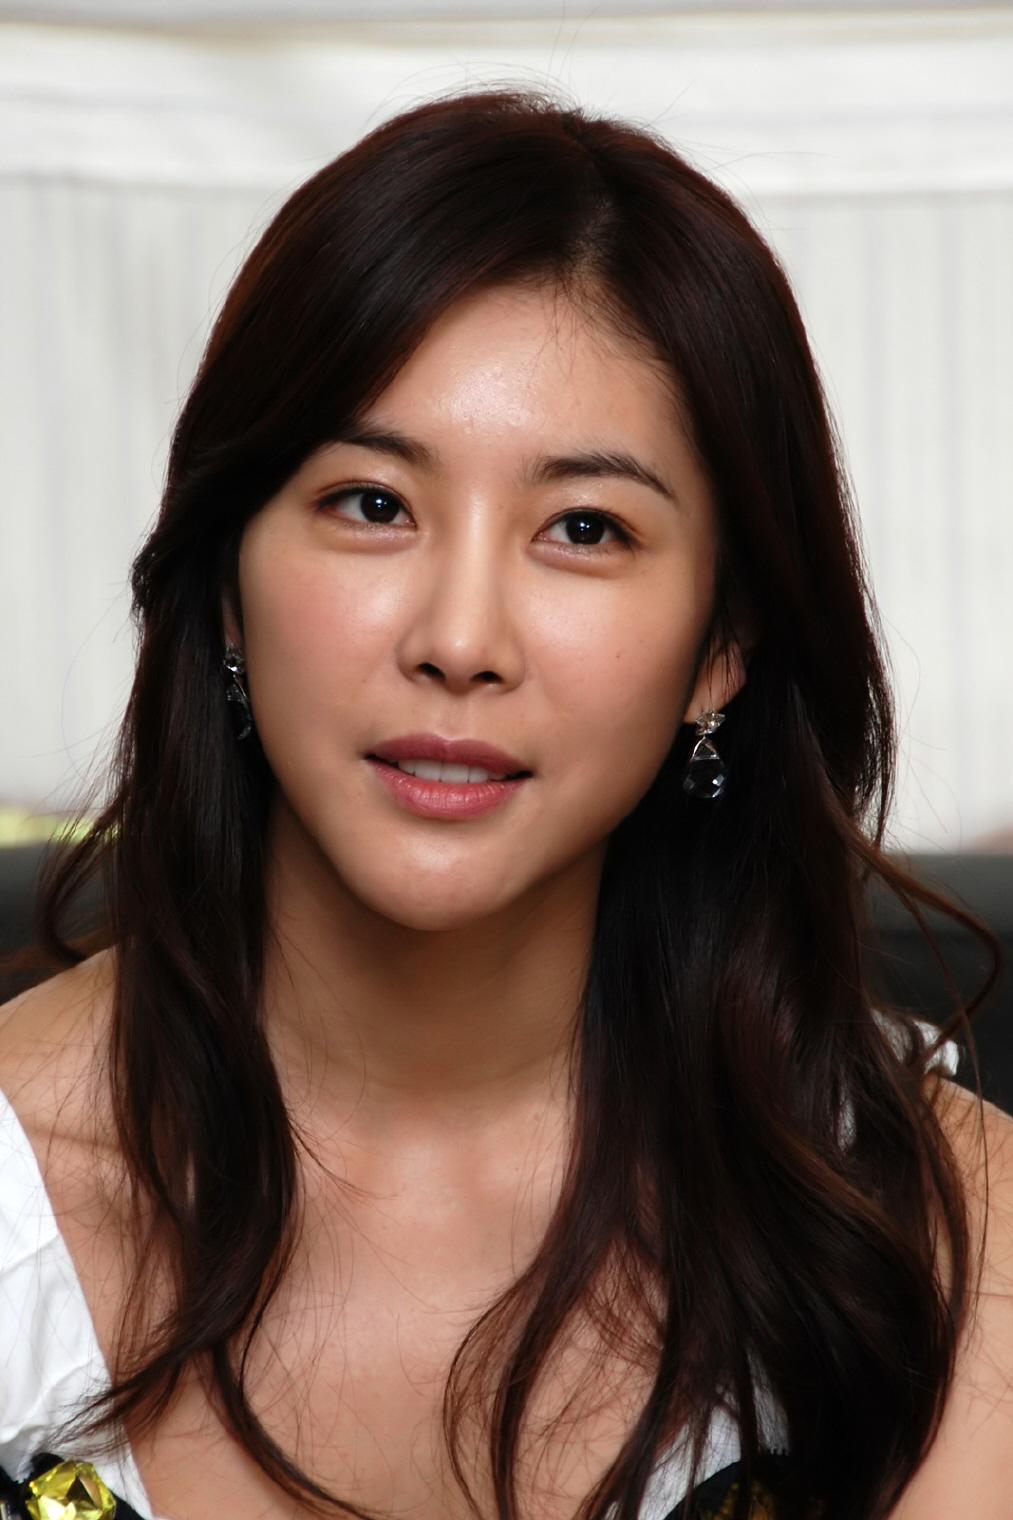 Actress Han Eun-jeong - age: 37